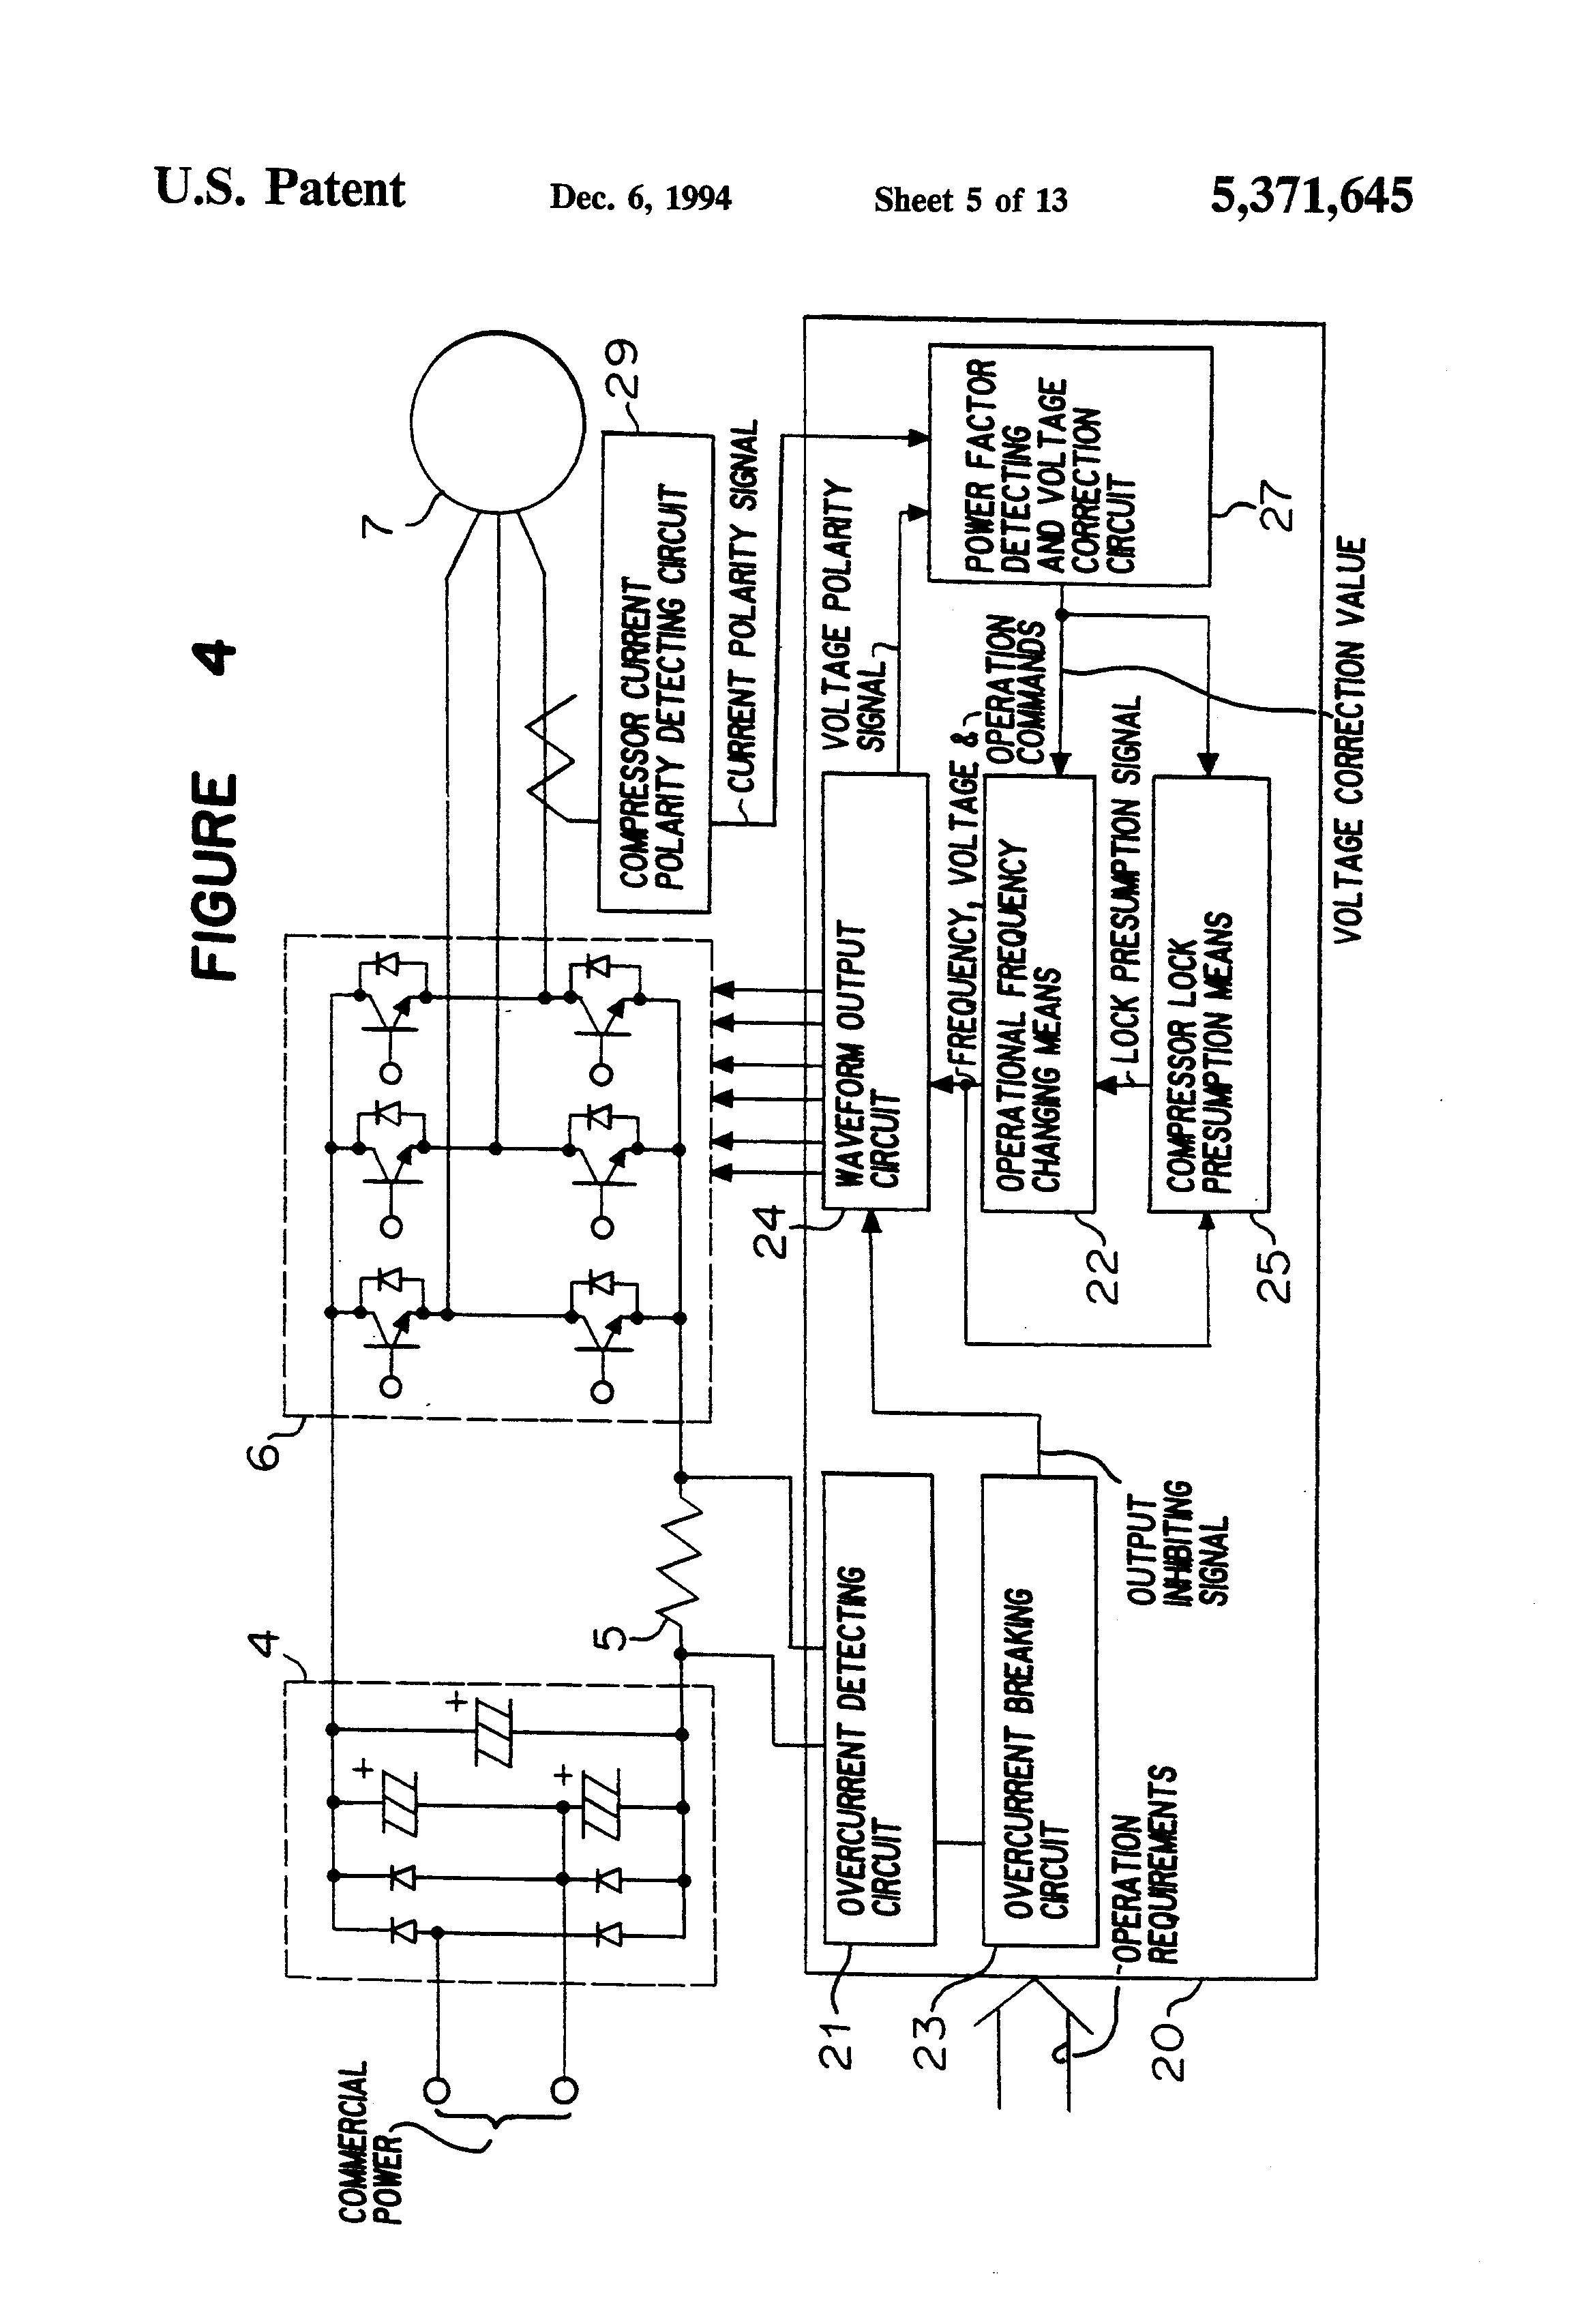 Inverter compressor circuit diagram somurich inverter compressor circuit diagram inverter compressor wiring diagramrhsvlcdesign cheapraybanclubmaster Gallery